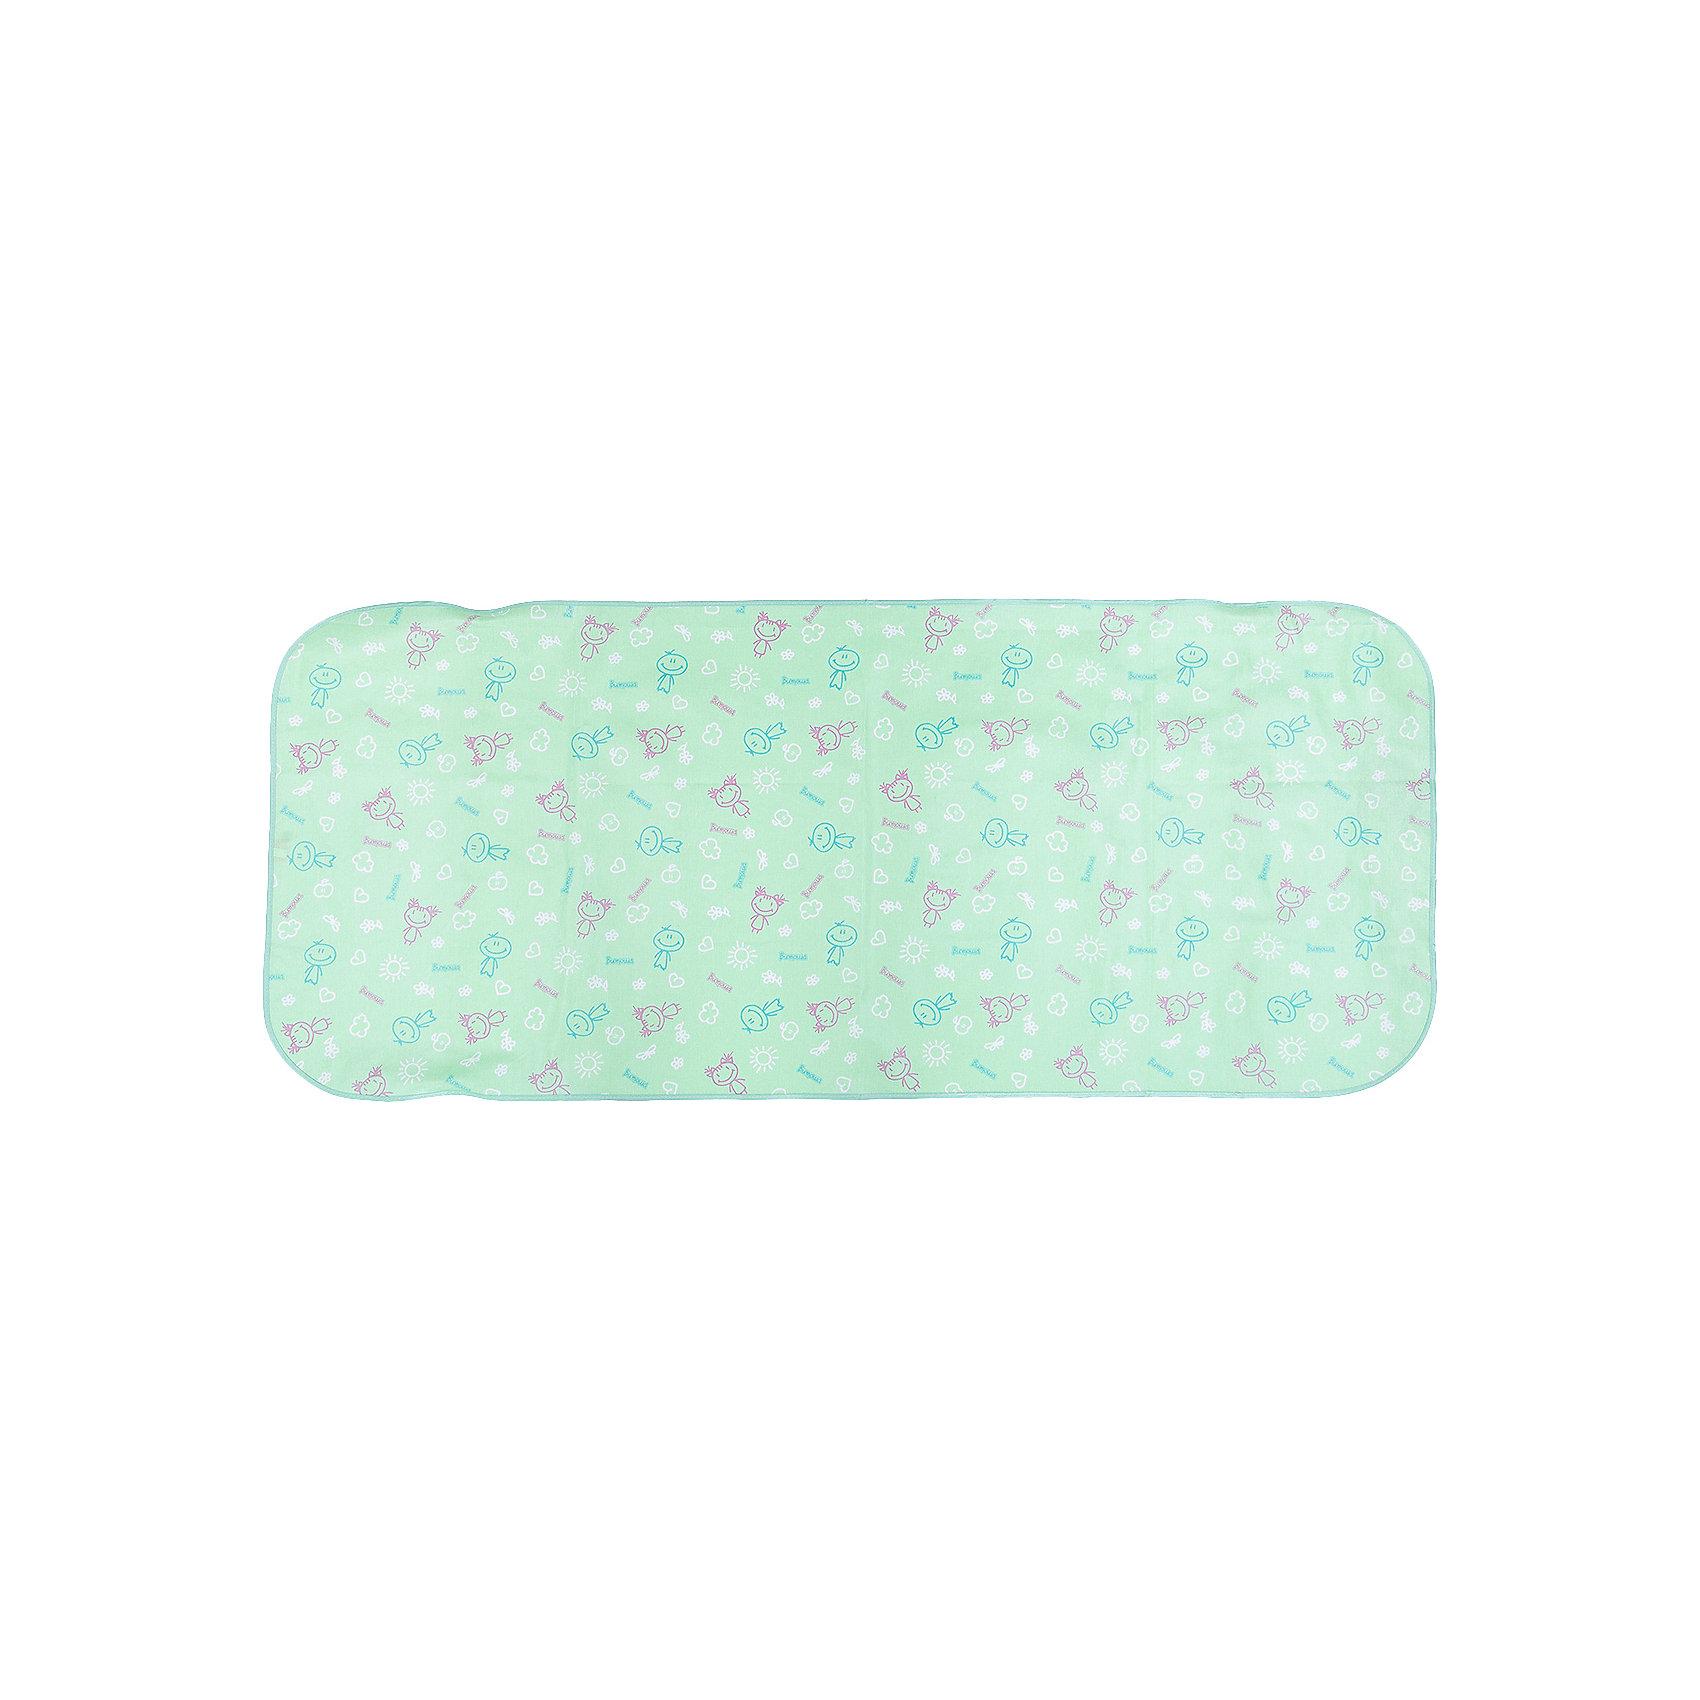 Клеенка подкладная с ПВХ покрытием Виталфарм 0,60х1,20м (ок.) с резинками для фиксации, ВитошаПостельное бельё<br>Характеристики:<br><br>• резинка для фиксации;<br>• наличие тесьмы по краю;<br>• можно использовать в кроватке, клеенка надежно фиксируется и не сминается;<br>• назначение: подкладной материал для переодевания ребенка, массажа, гигиенических процедур;<br>• отсутствует эффект «холодного контакта»;<br>• свойства клеенки: водонепроницаемость, воздухопроницаемость;<br>• материал: текстиль, ПВХ покрытие.<br>• размер клеенки: 120х60 см;<br>• размер упаковки: 22х2х40 см;<br>• вес в упаковке: 230 г.<br><br>Клеенку подкладную с ПВХ покрытием Виталфарм 0,60х1,20м (ок.) с резинками для фиксации, Витоша можно купить в нашем интернет-магазине.<br><br>Ширина мм: 220<br>Глубина мм: 400<br>Высота мм: 20<br>Вес г: 230<br>Возраст от месяцев: 0<br>Возраст до месяцев: 36<br>Пол: Унисекс<br>Возраст: Детский<br>SKU: 5500273